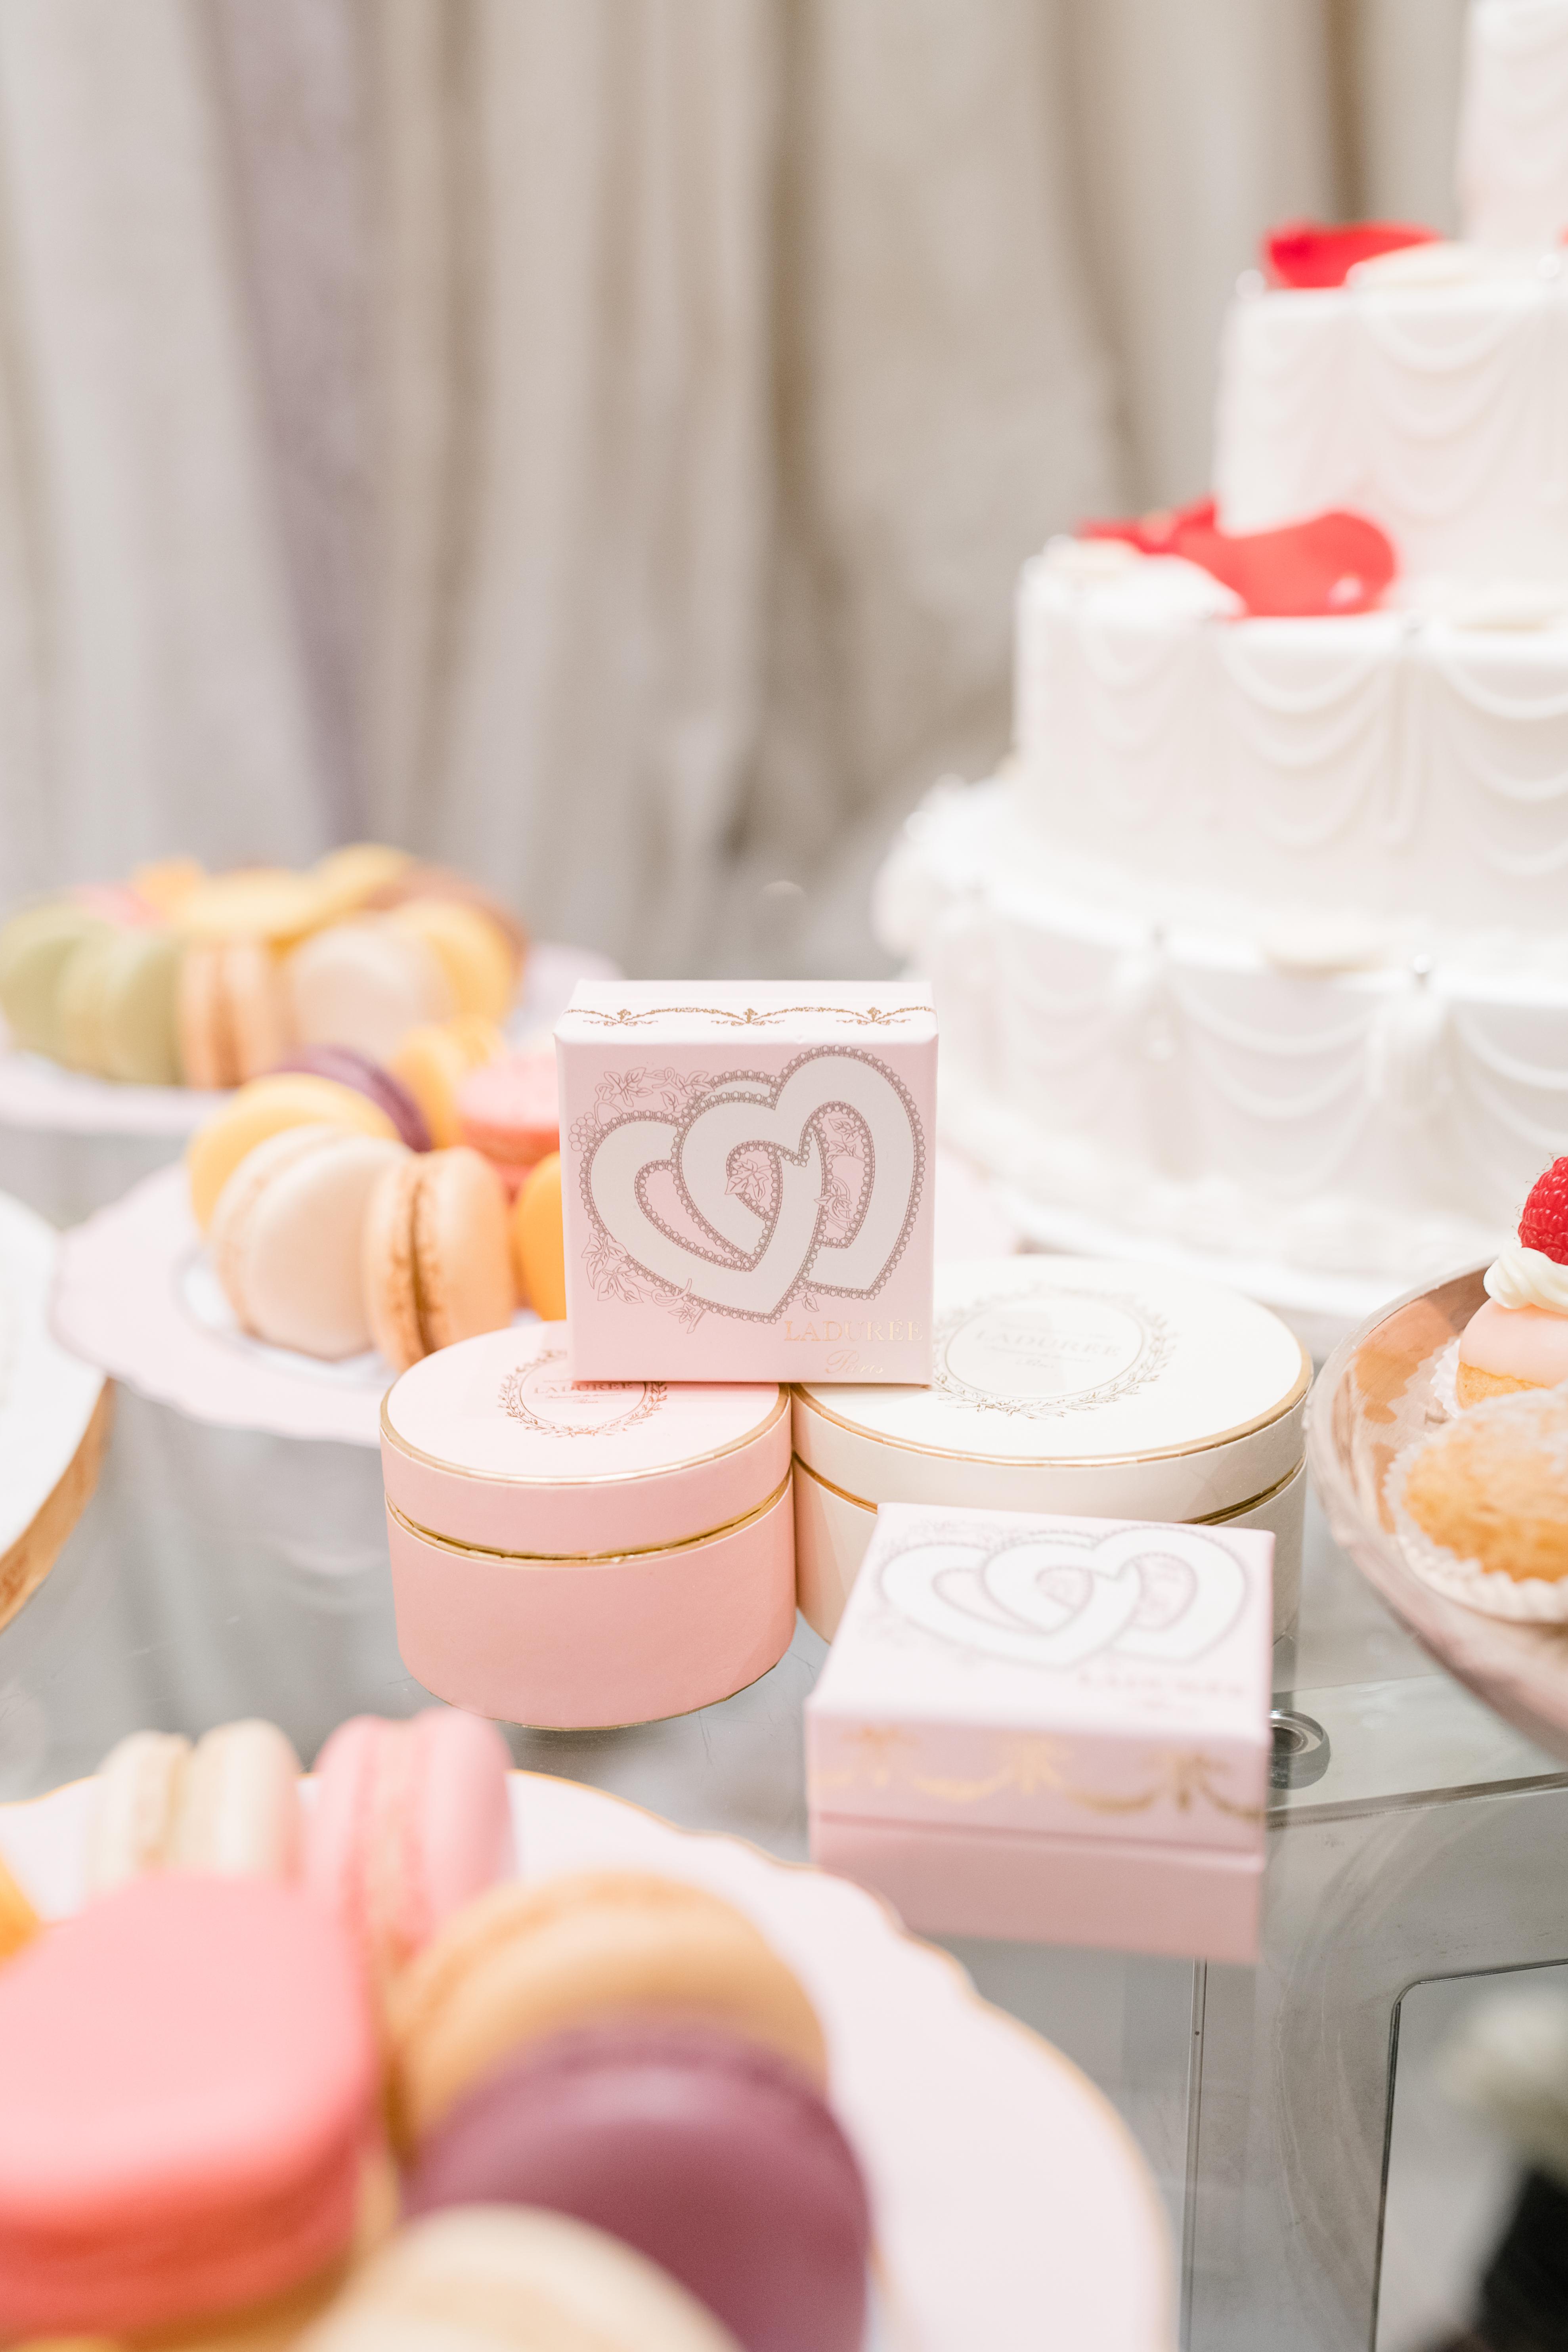 Wedding event desserts